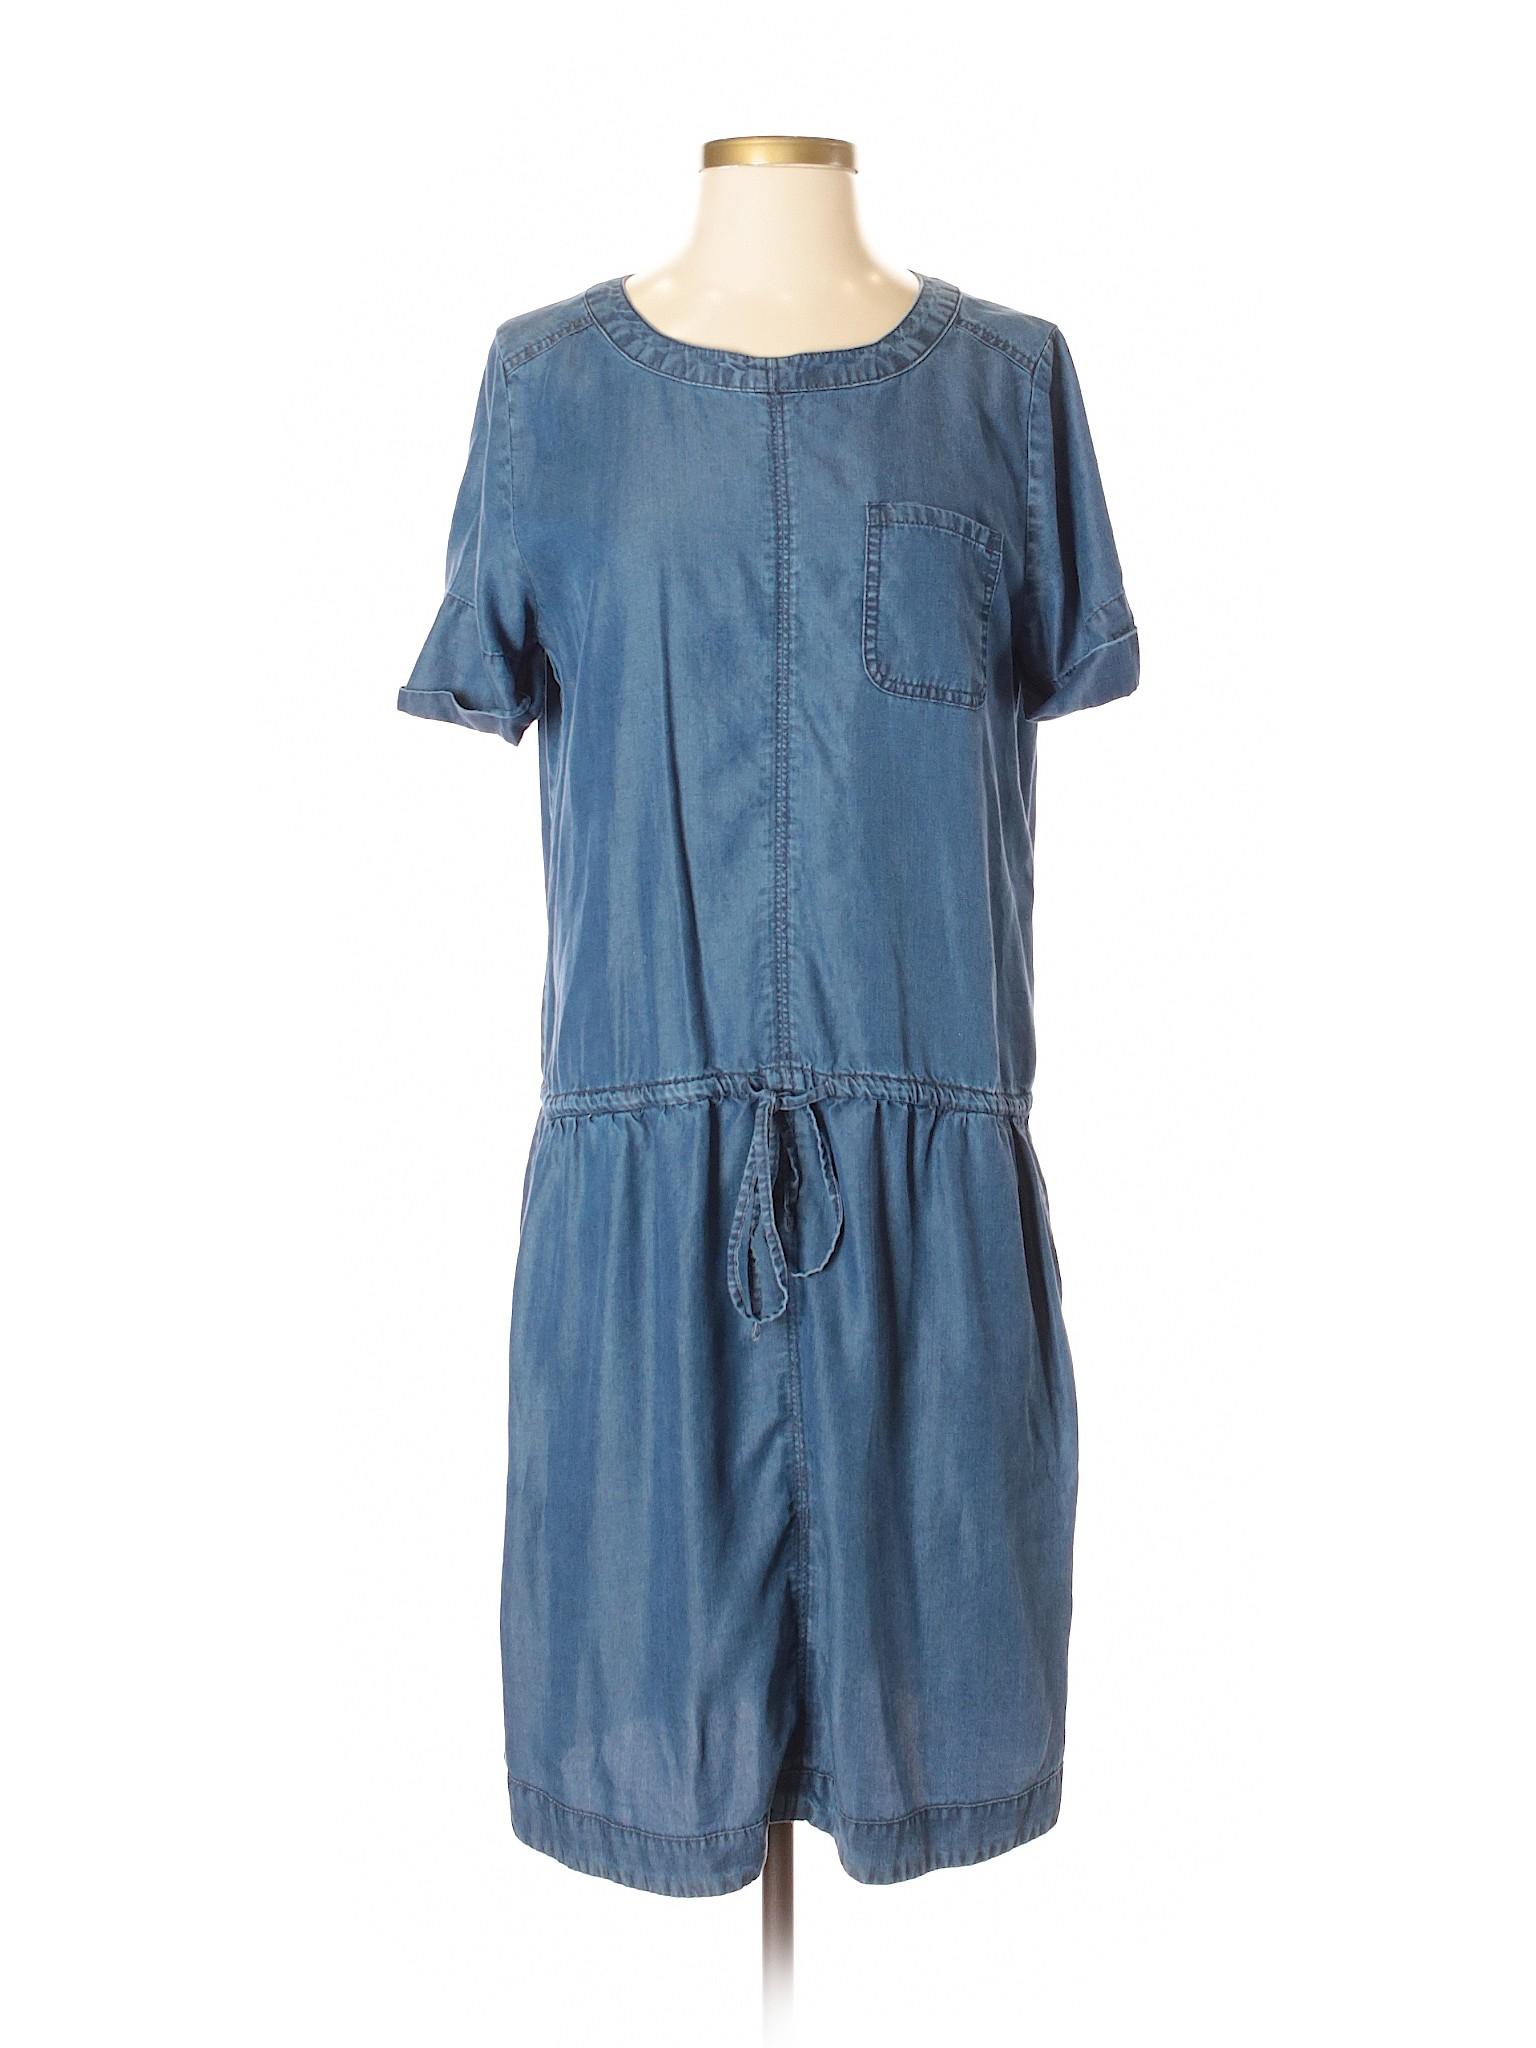 Boutique Halogen Boutique Casual Dress winter winter d7nOd8